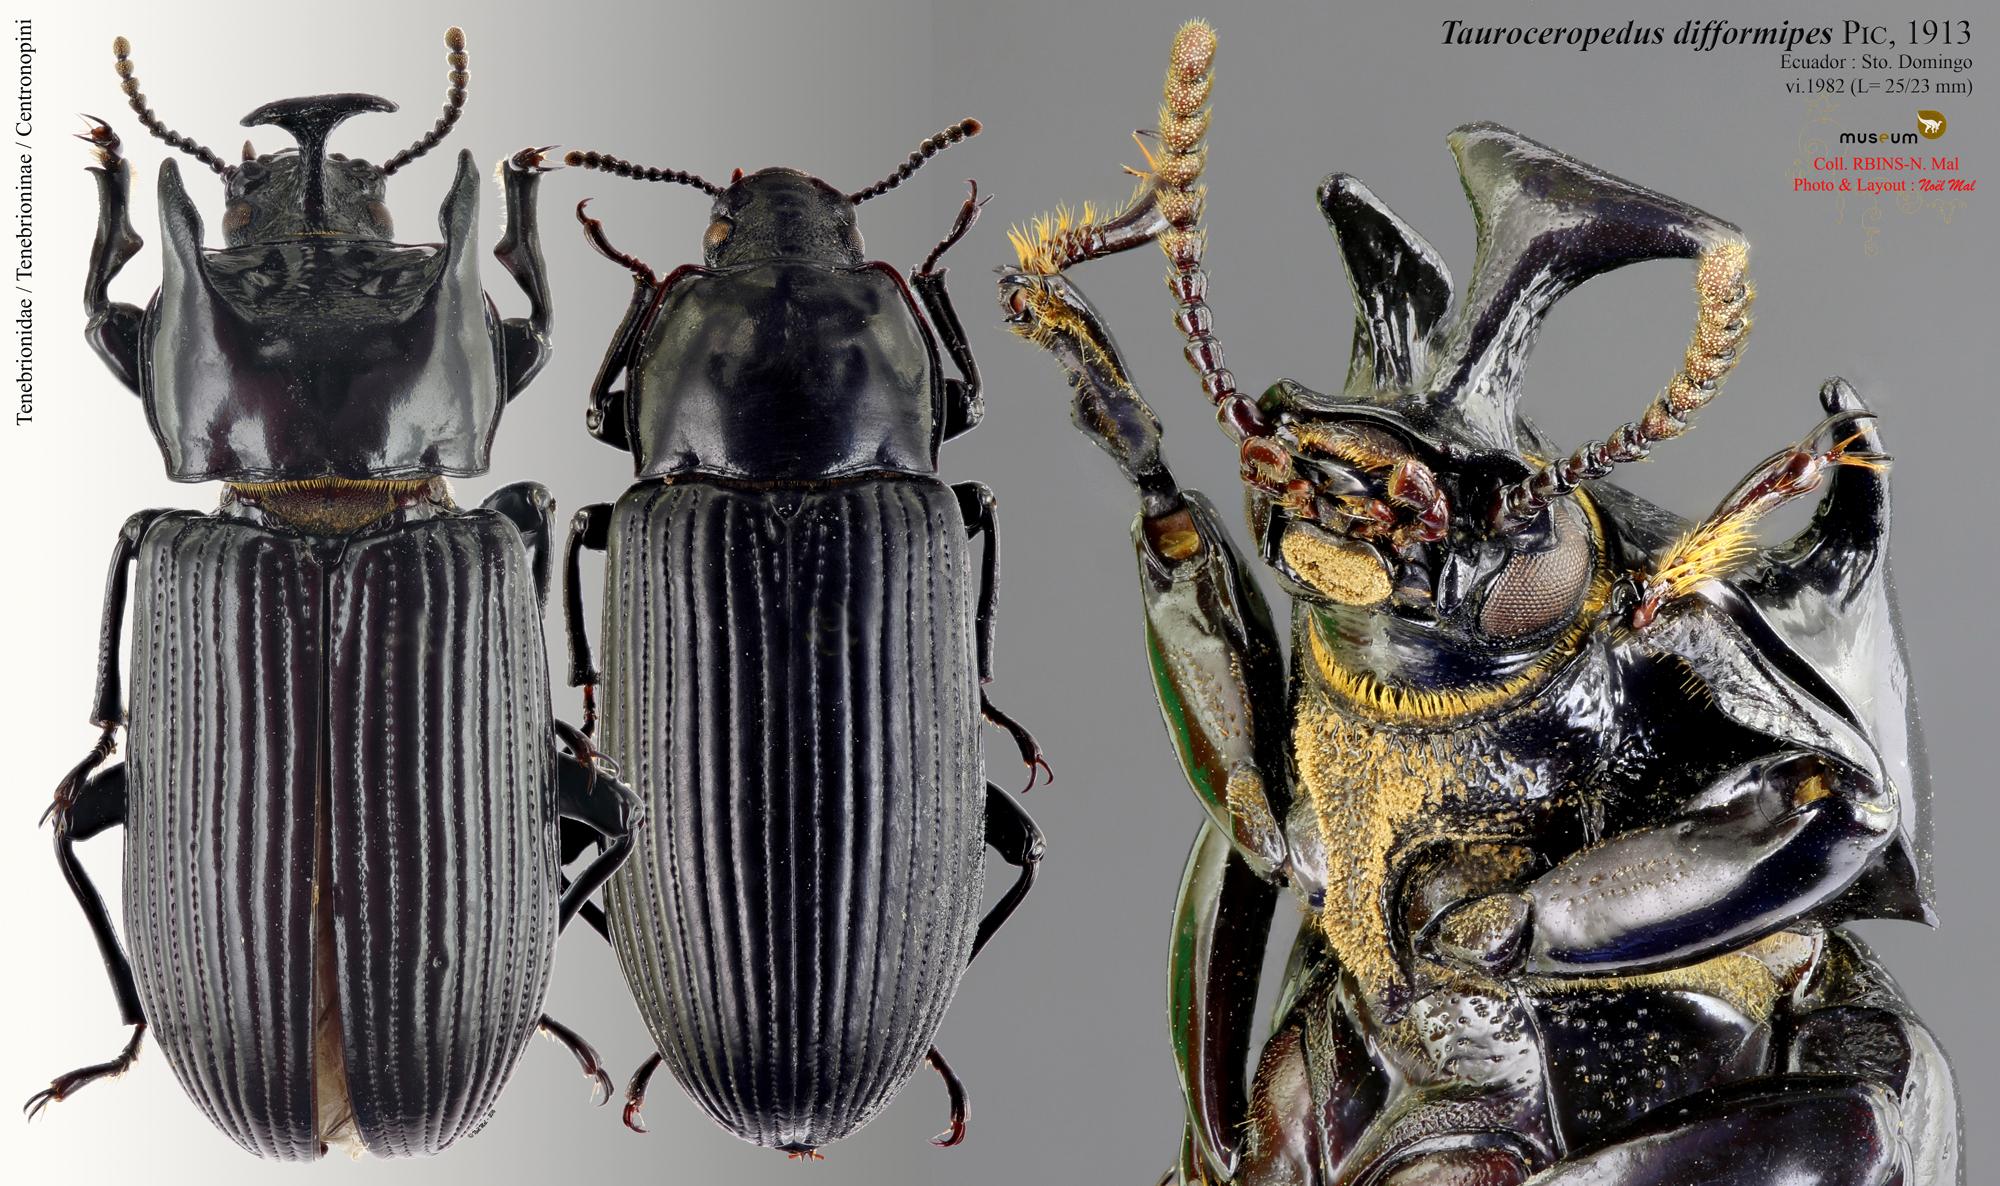 Tauroceropedus difformipes.jpg